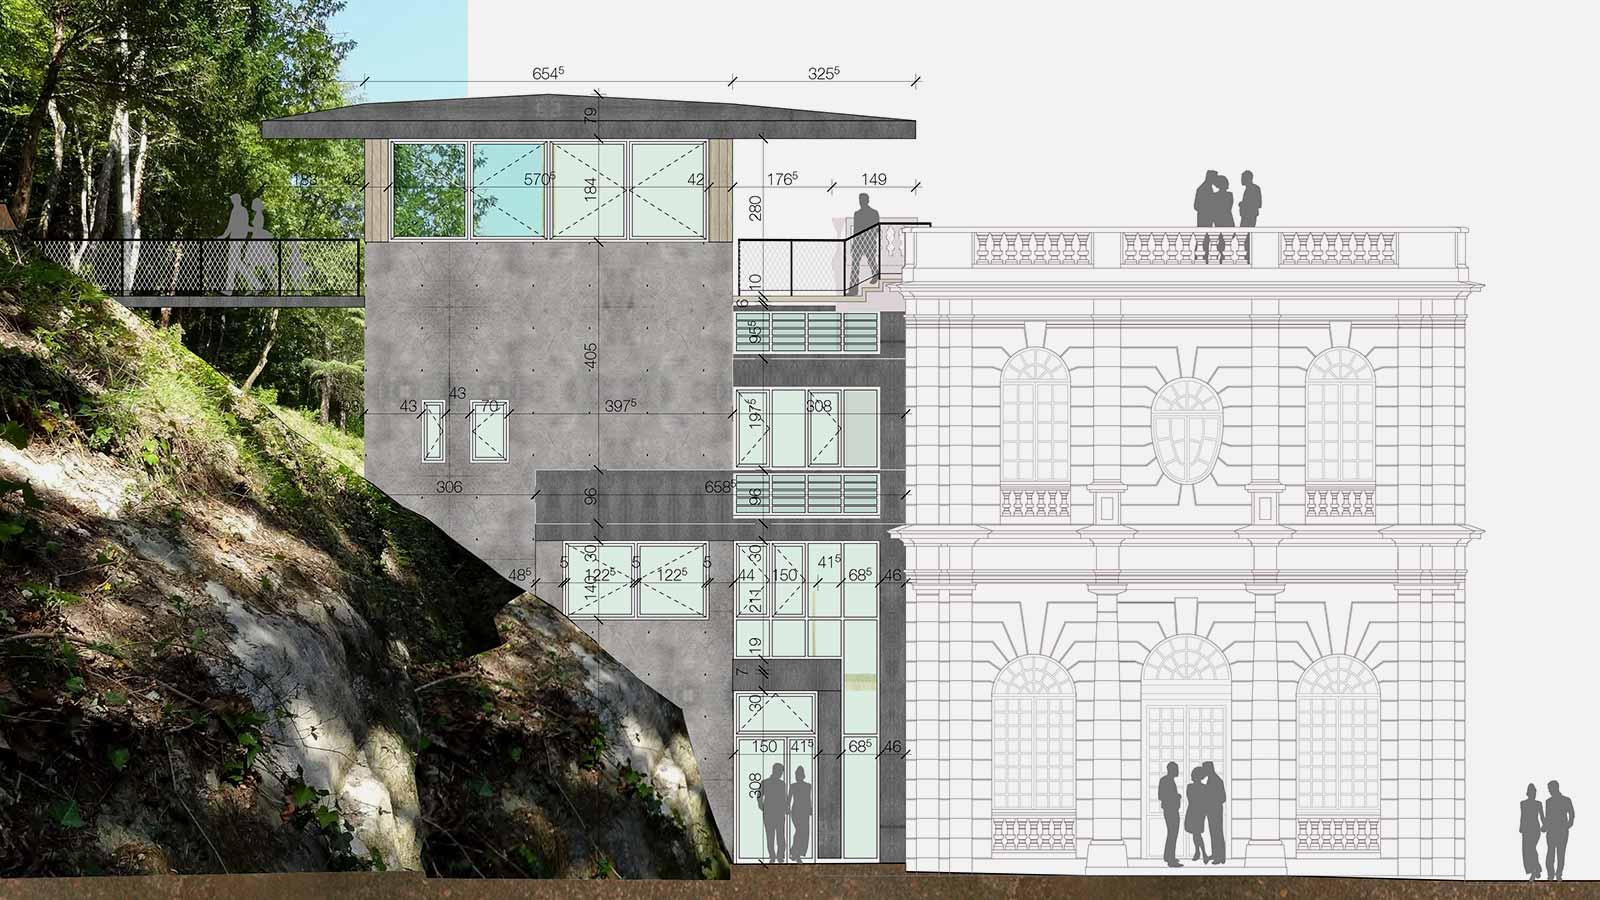 Dessin technique du nouveau bâtiment accolé à la partie ancienne de l'auberge.